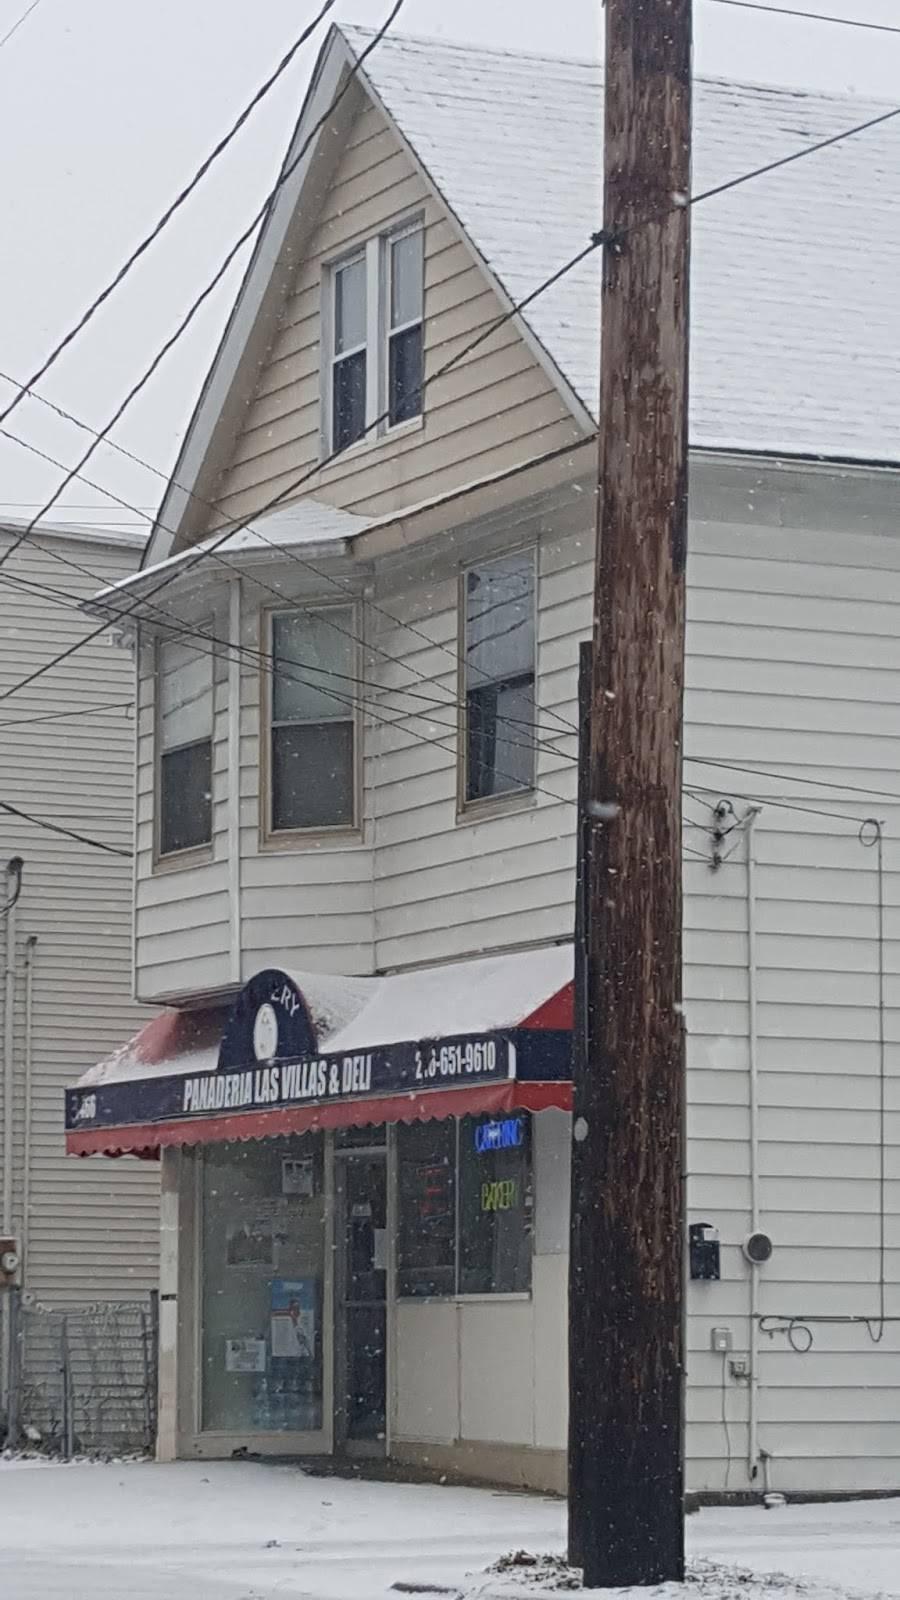 Mana Bakery - bakery  | Photo 4 of 4 | Address: 3466 W 41st St, Cleveland, OH 44109, USA | Phone: (216) 651-9610